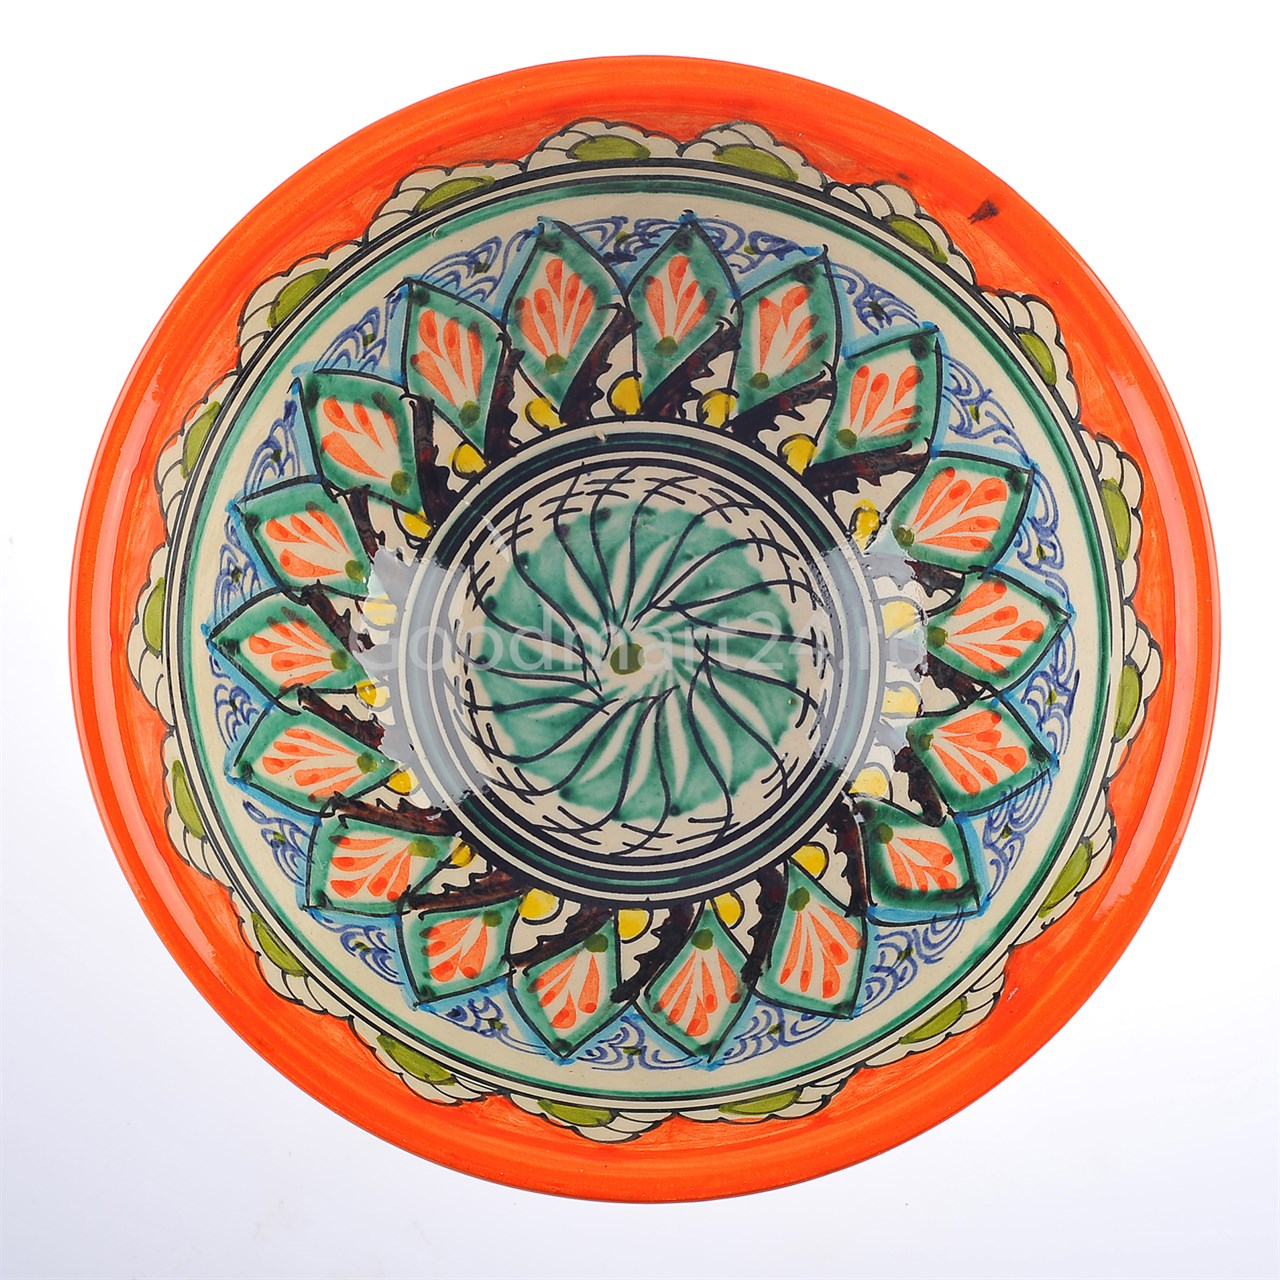 Риштанская Пиала большая 11 см. оранжевый Мехроб - фото 12882